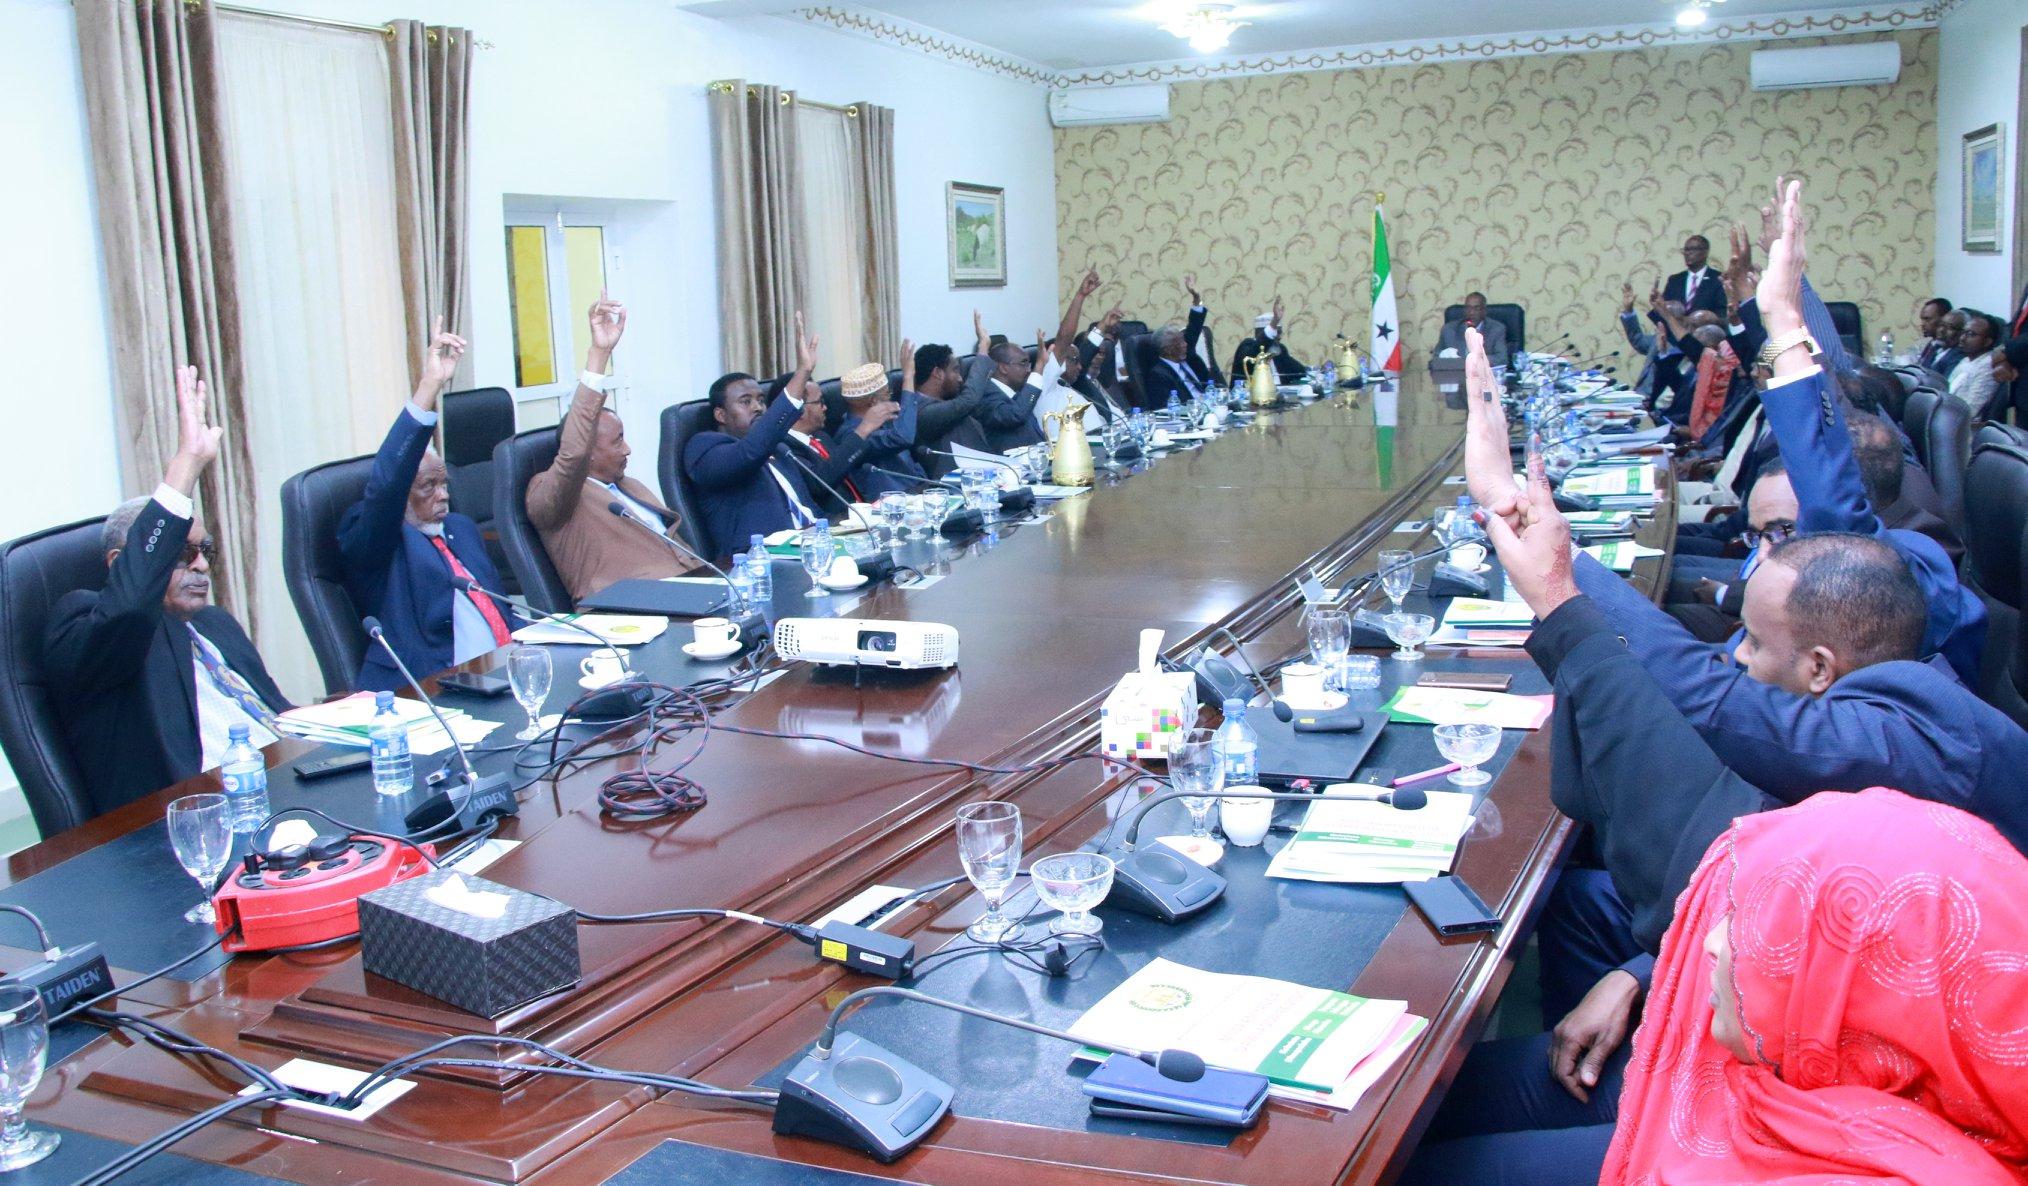 Golaha wasiirrada Jamhuuriyadda Somaliland oo Ansixiyey Oddoroska Miisaaniyad-sannadeedka 2020-ka